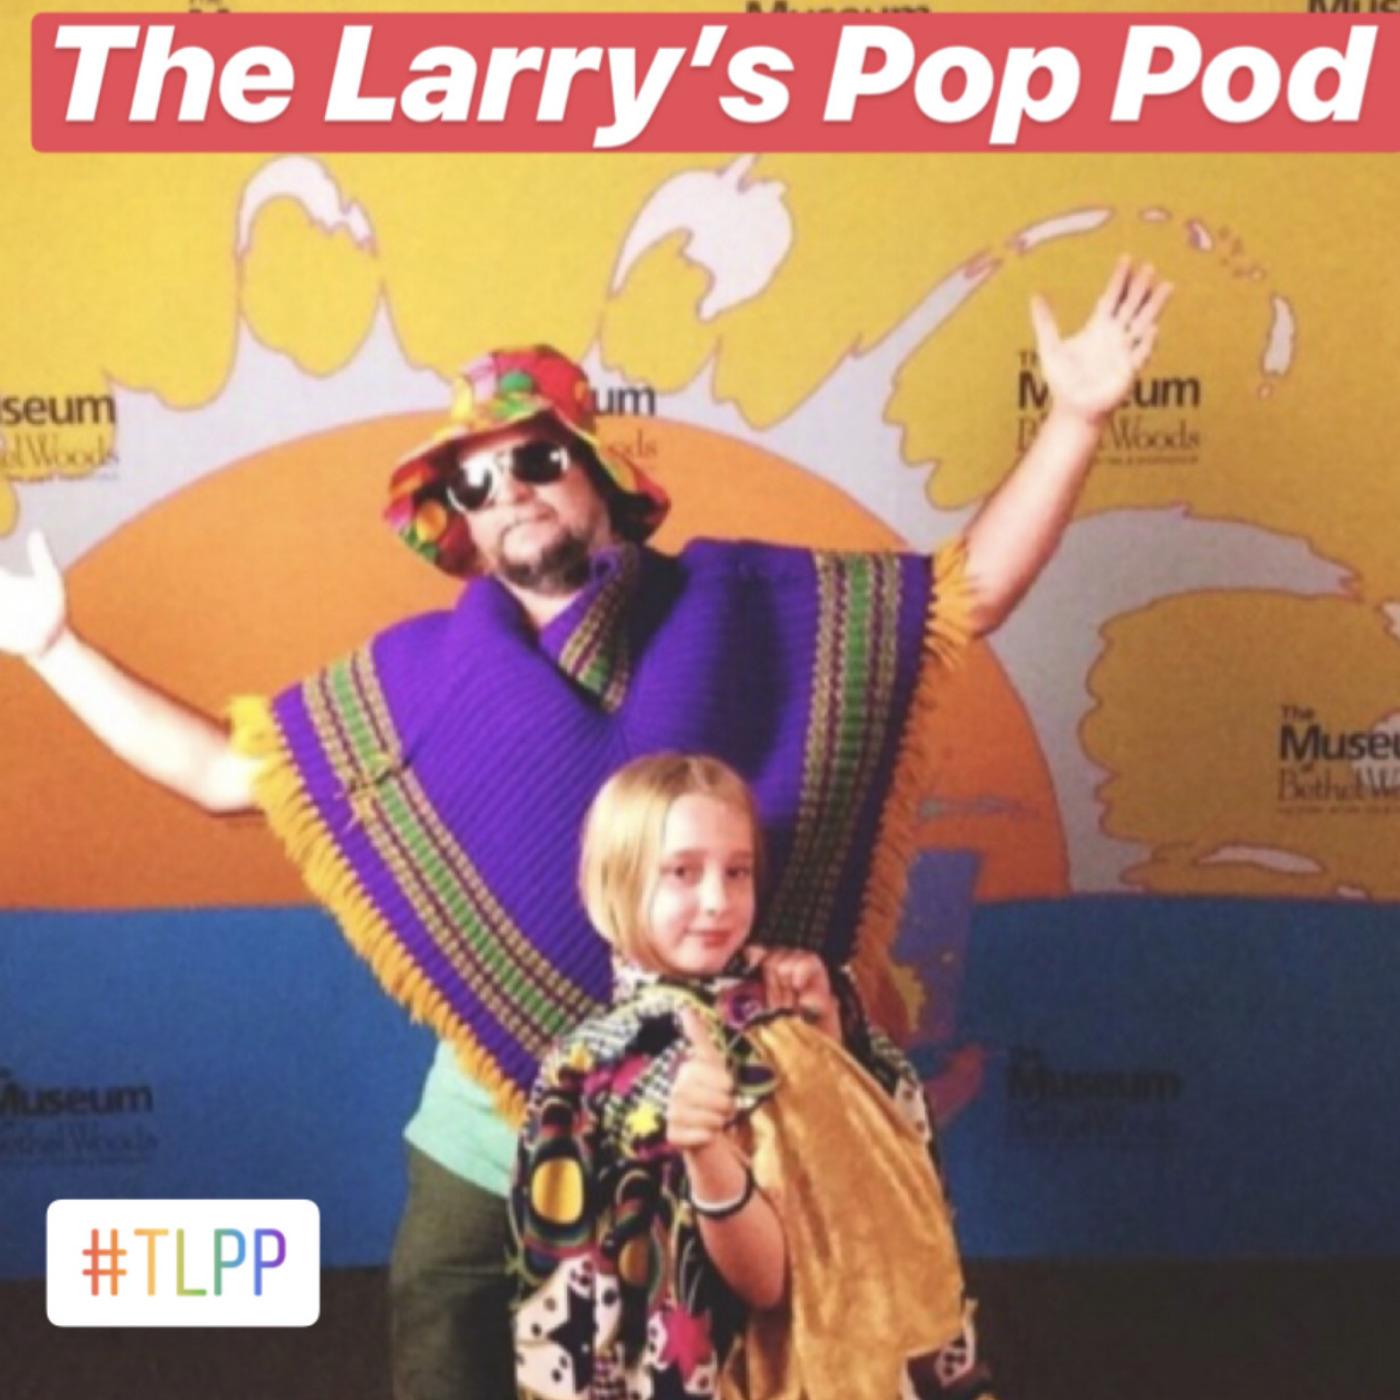 The Larrys Pop Pod!